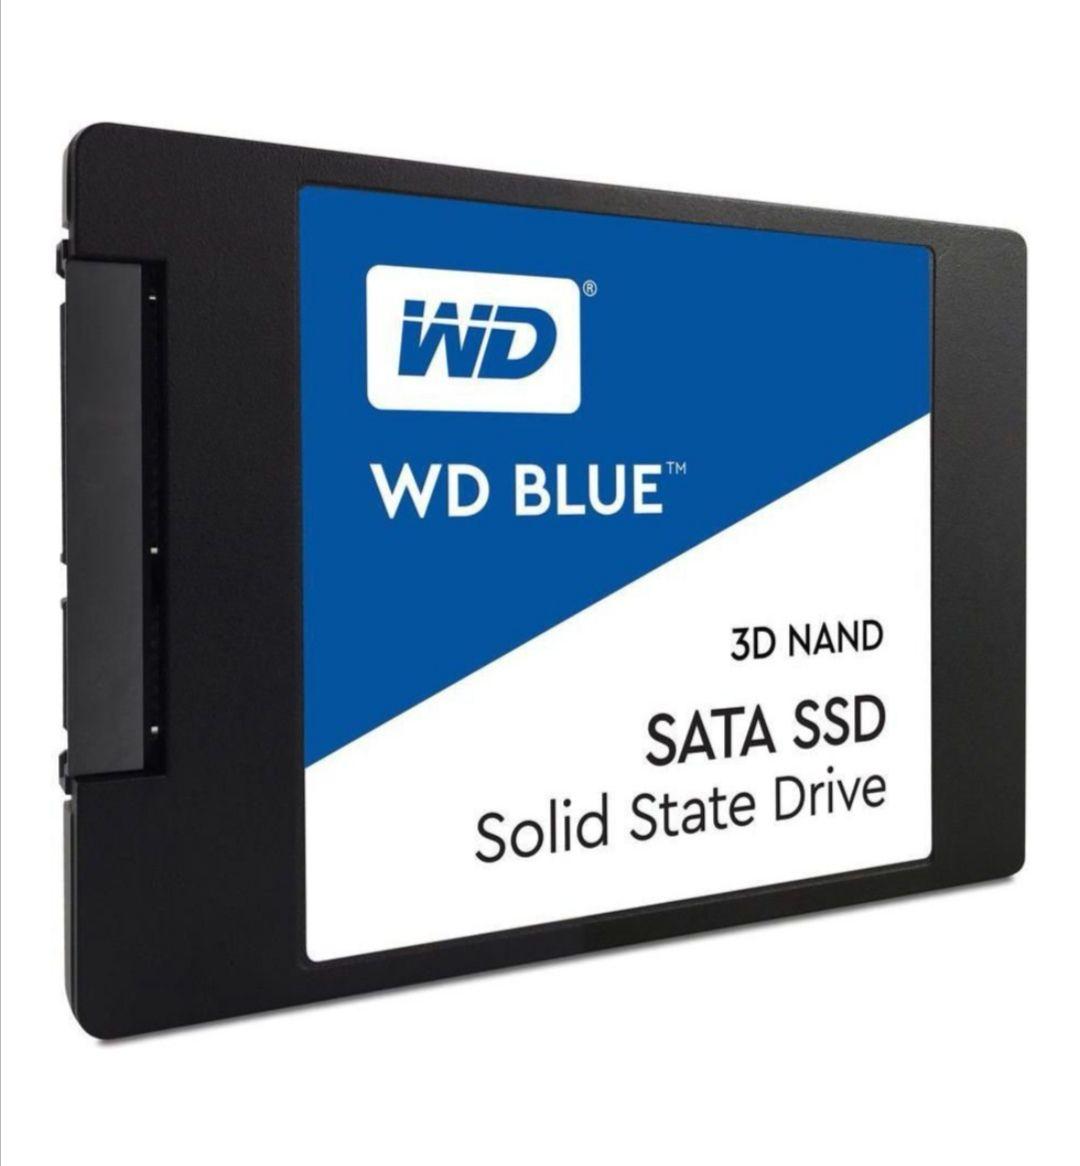 Dobra cena za Dysk WD Blue 3D Nand 1TB SSD.